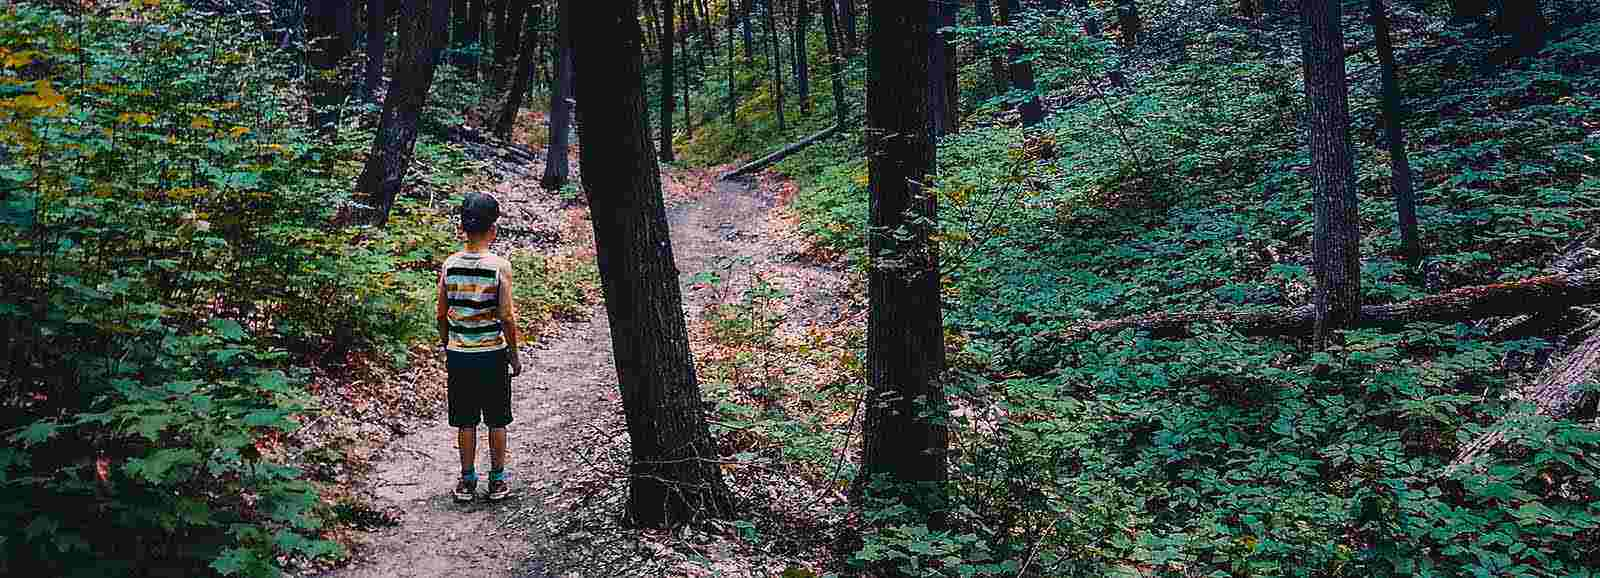 petit garçon sur un sentier dans la forêt